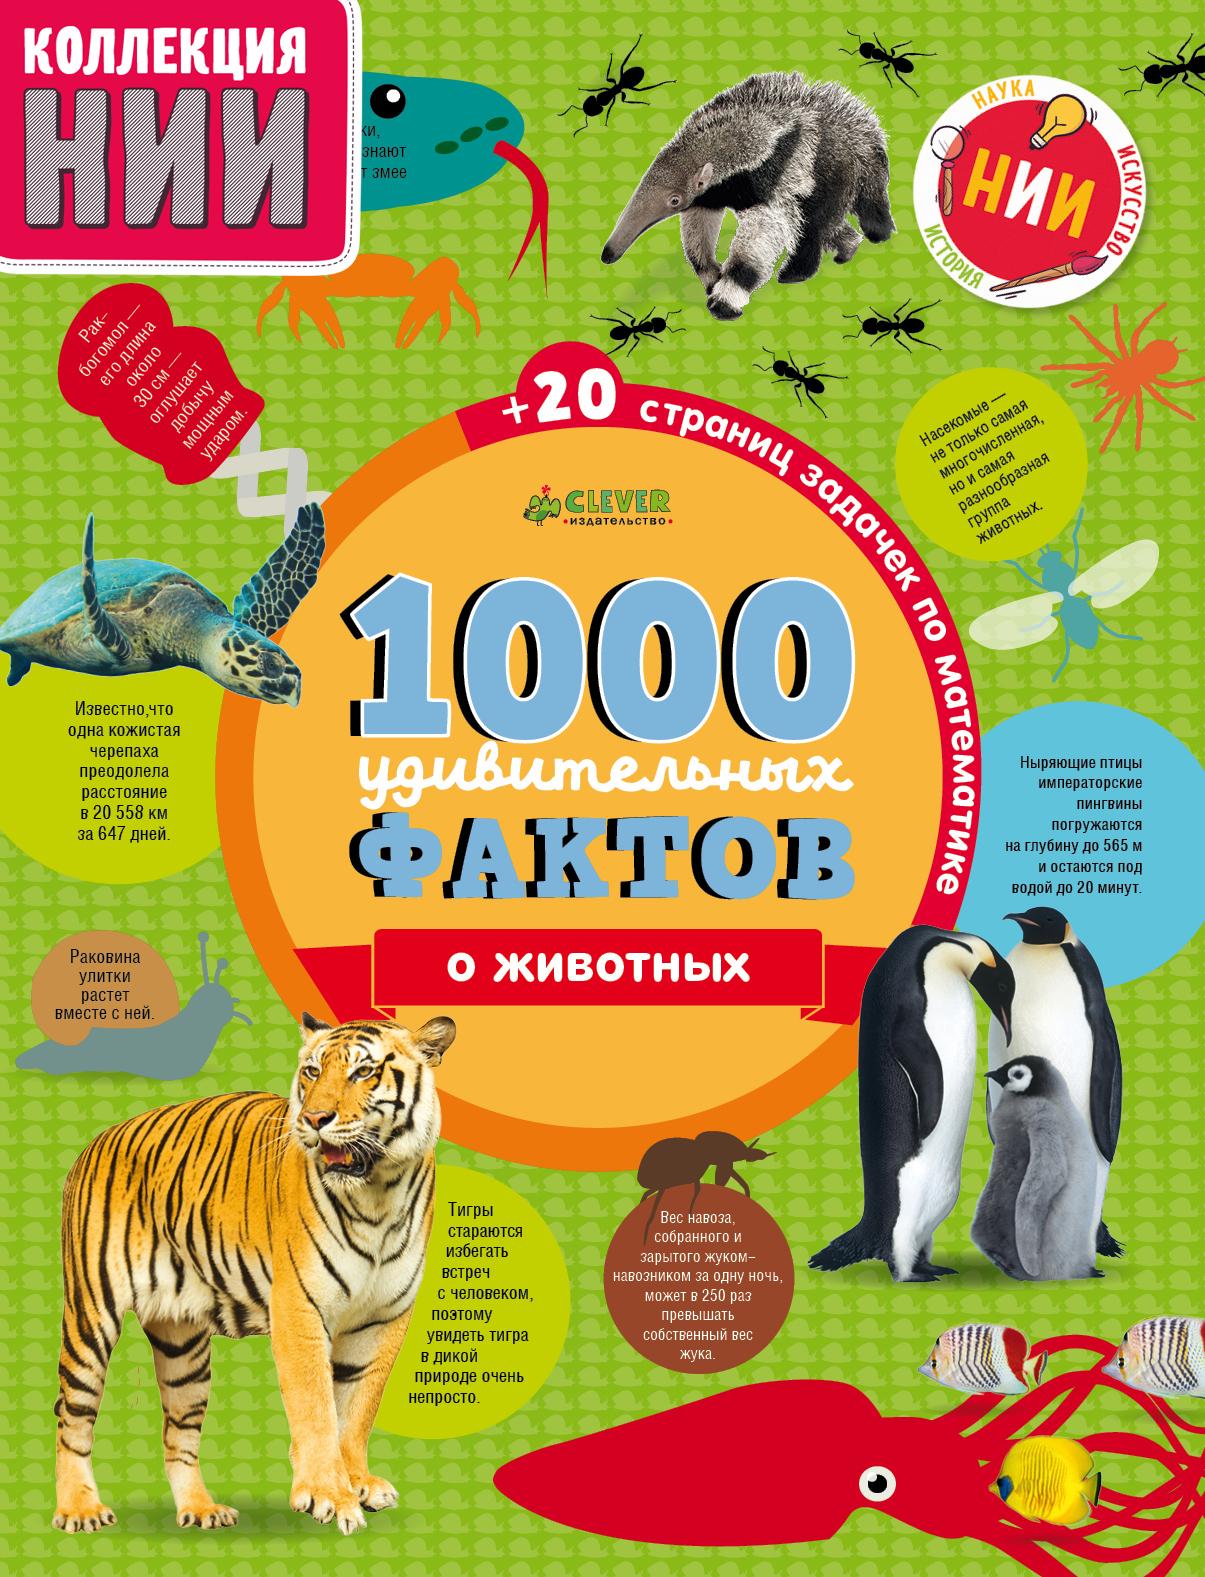 Джон Ричардс, Э. Симкинс, . Руни 1000 удивительных фактов  животных